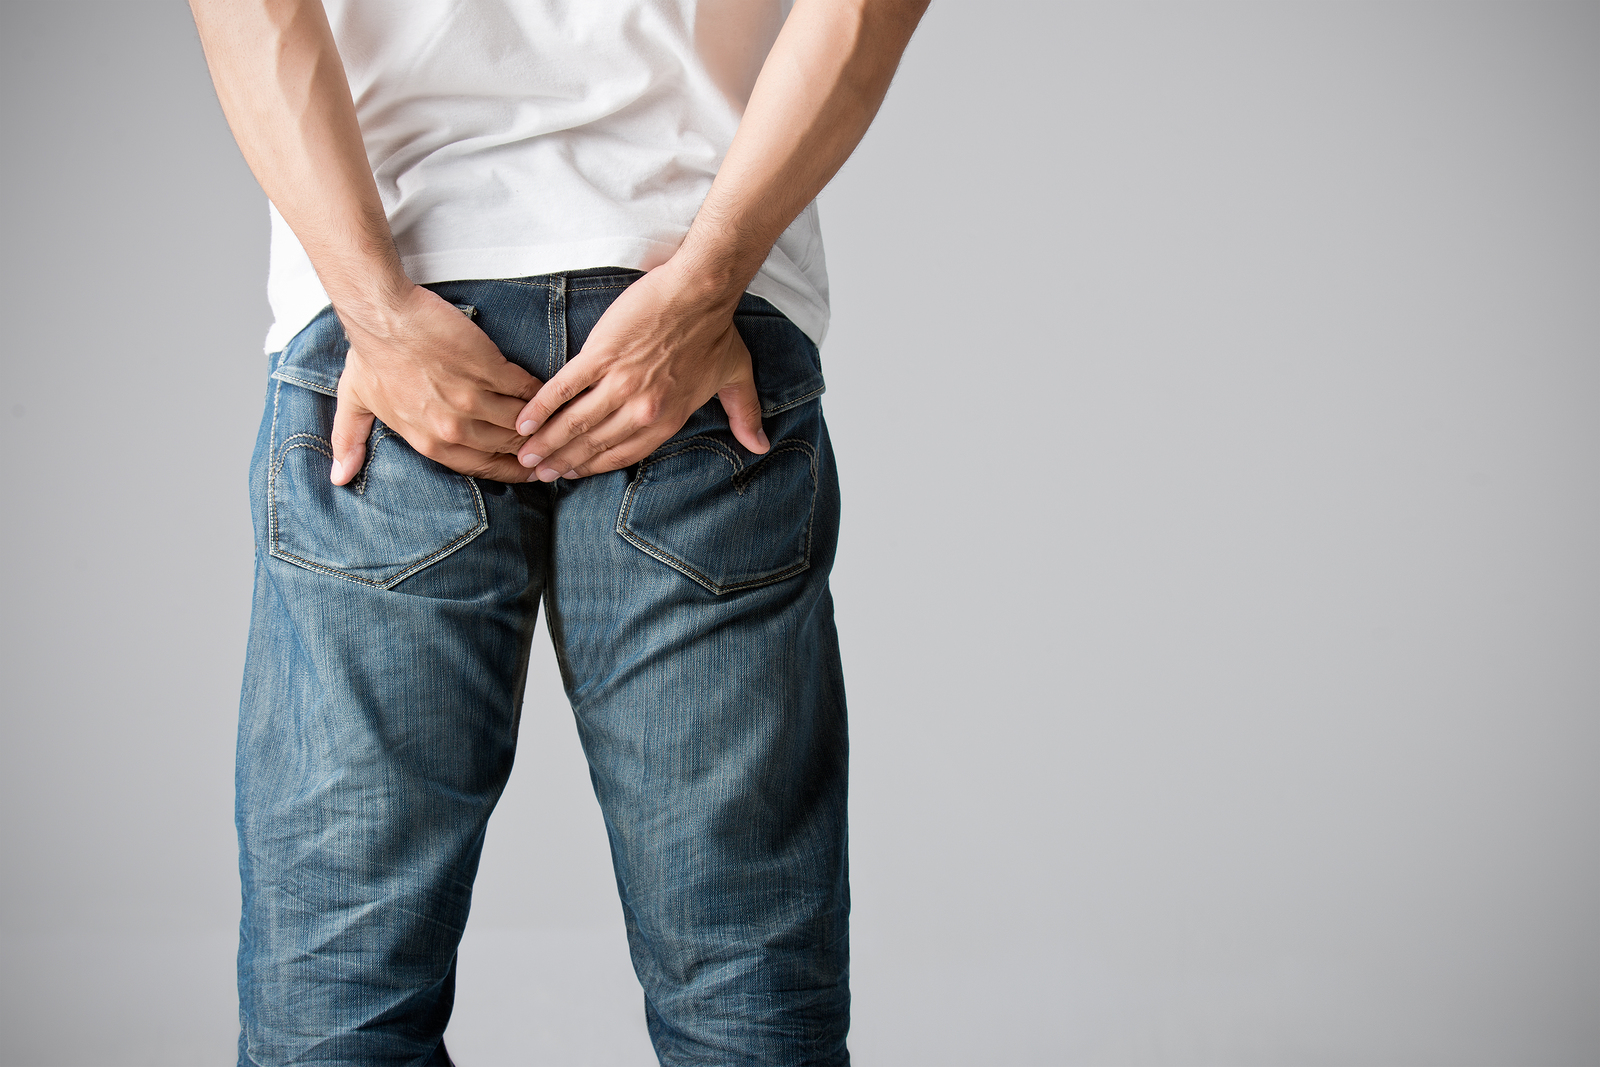 fistula perianal-fistula anal-abscesos-iocir-cirujanos en huelva-cirugia en huelva